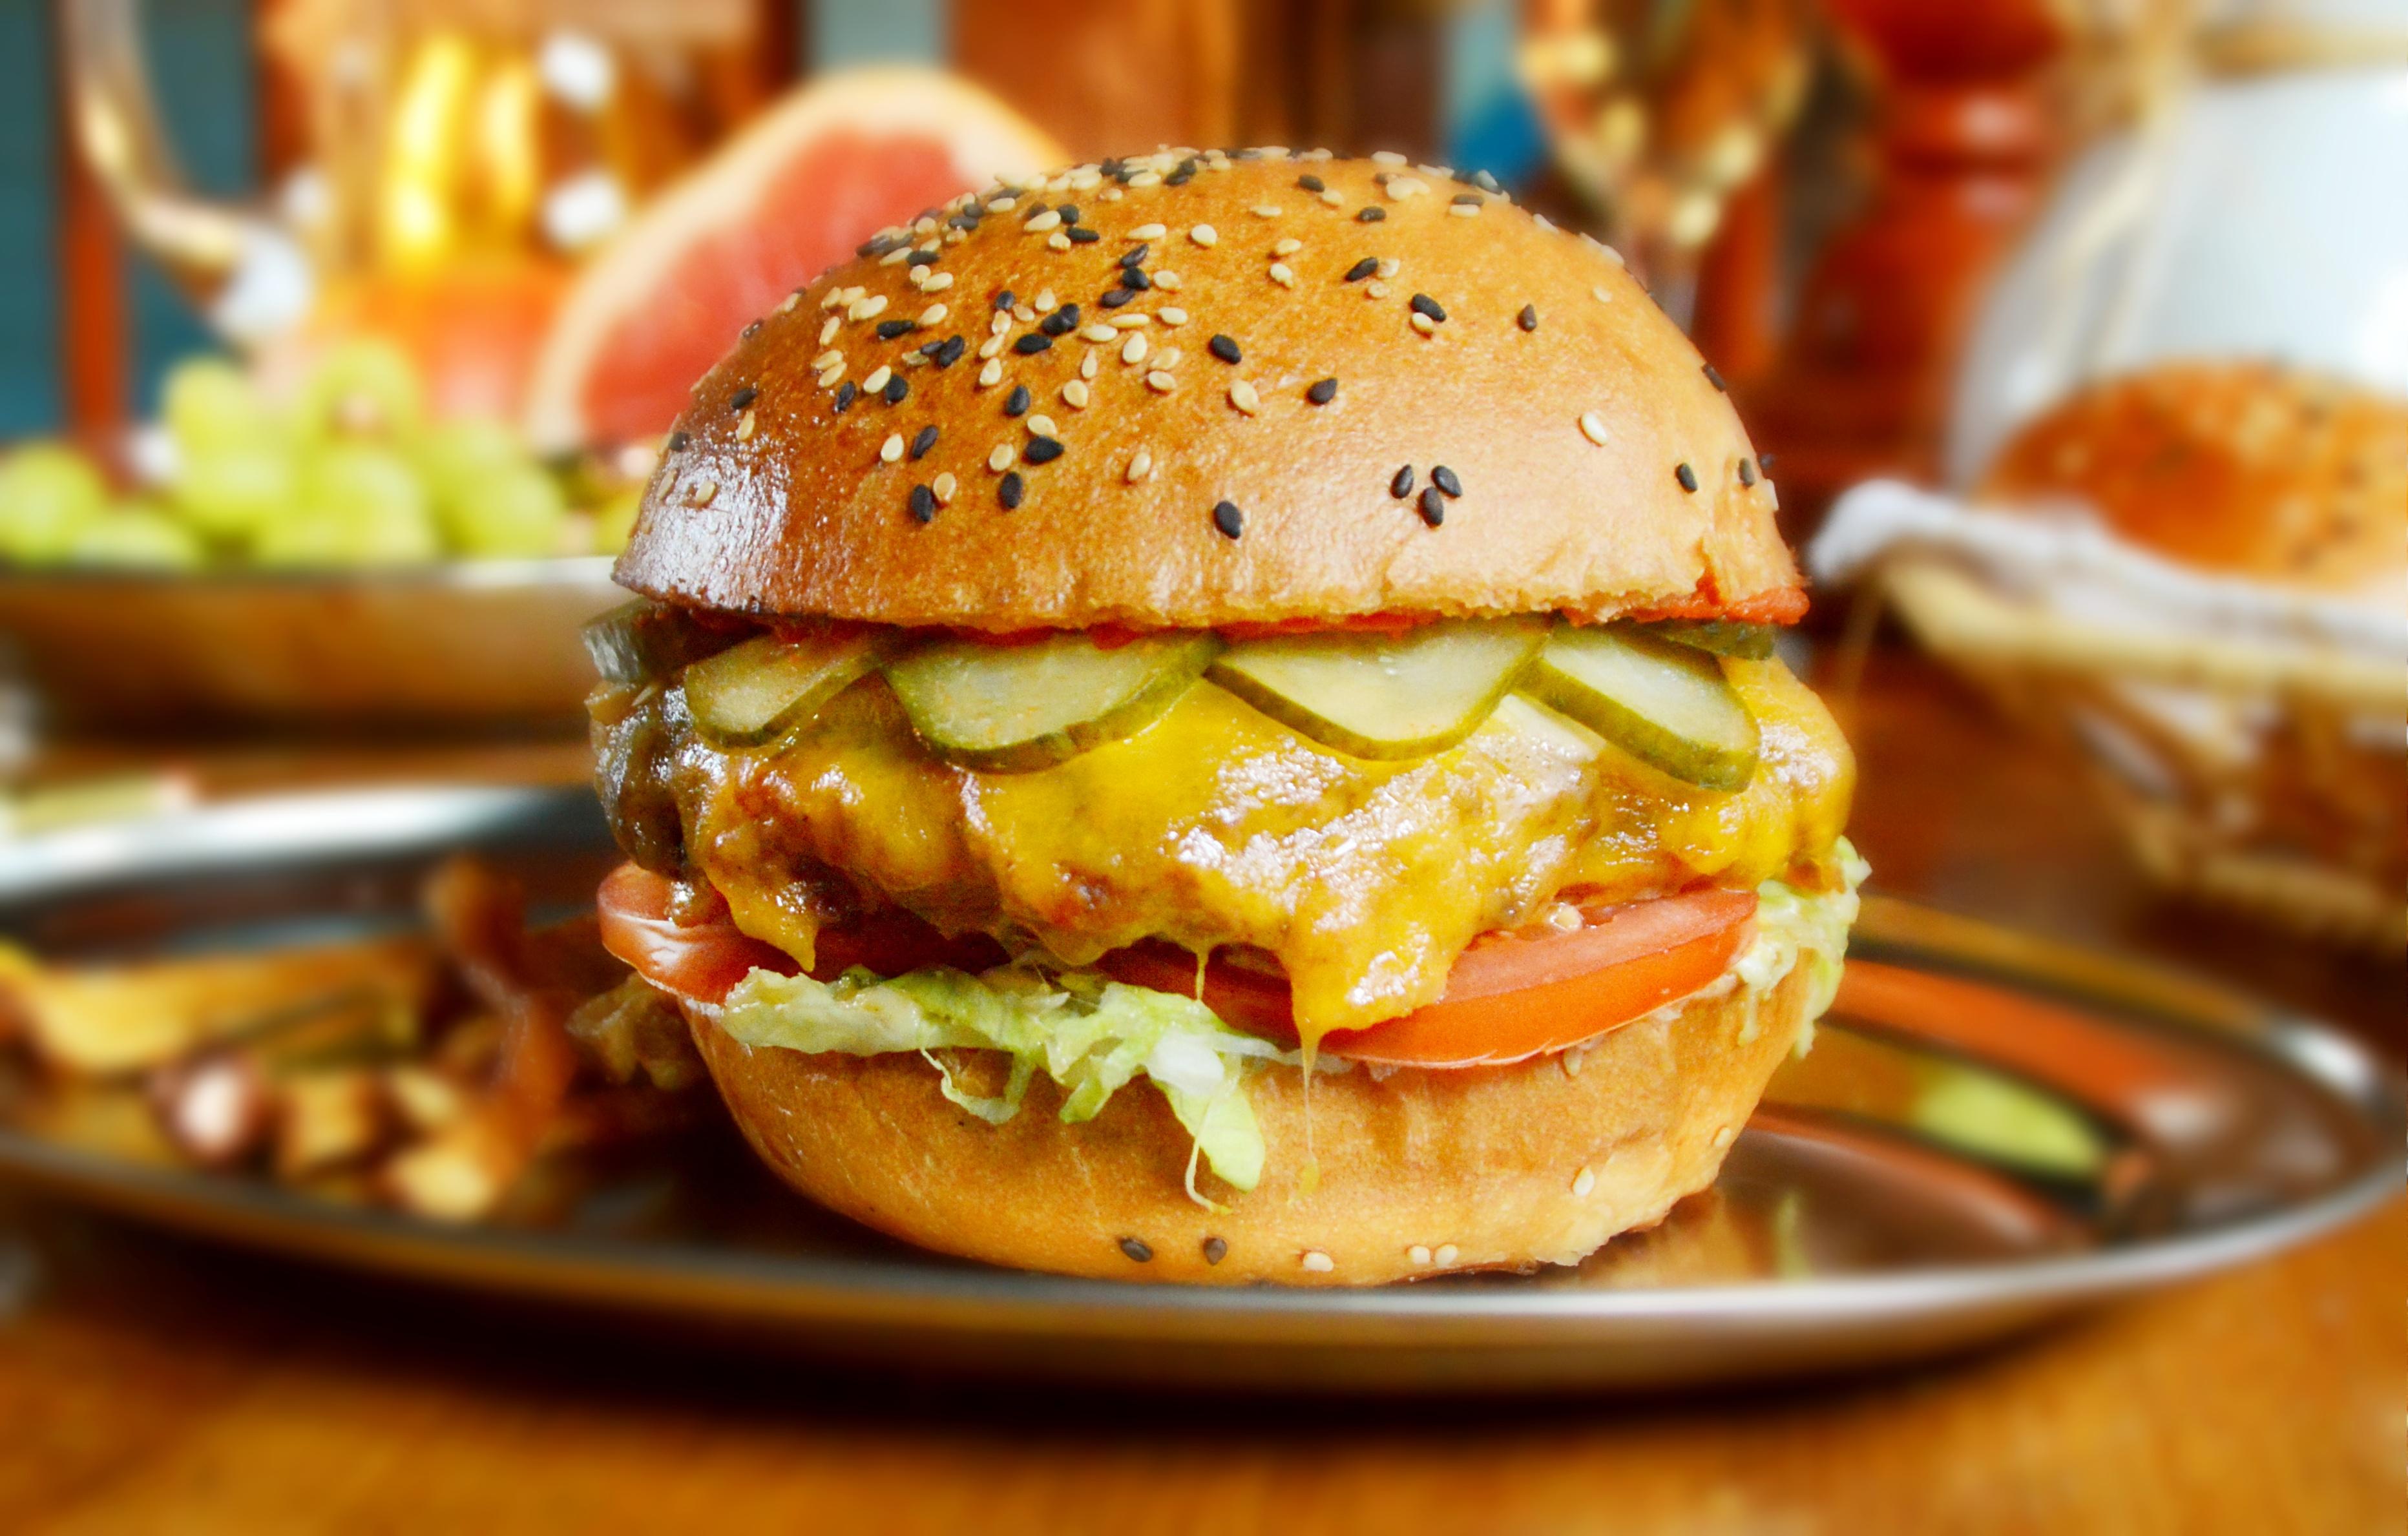 CHEESEBURGER Máslova houska z Pablovy rodinné pekárny, 150g mletého hovězího masa plněného bylinkovým máslem, anglický chedar, medově-hořčičná omáčka, tomatová omáčka, nakládaný okurek ve sladkokyselém nálevu, plátky rajčete, ledový salát 80,-